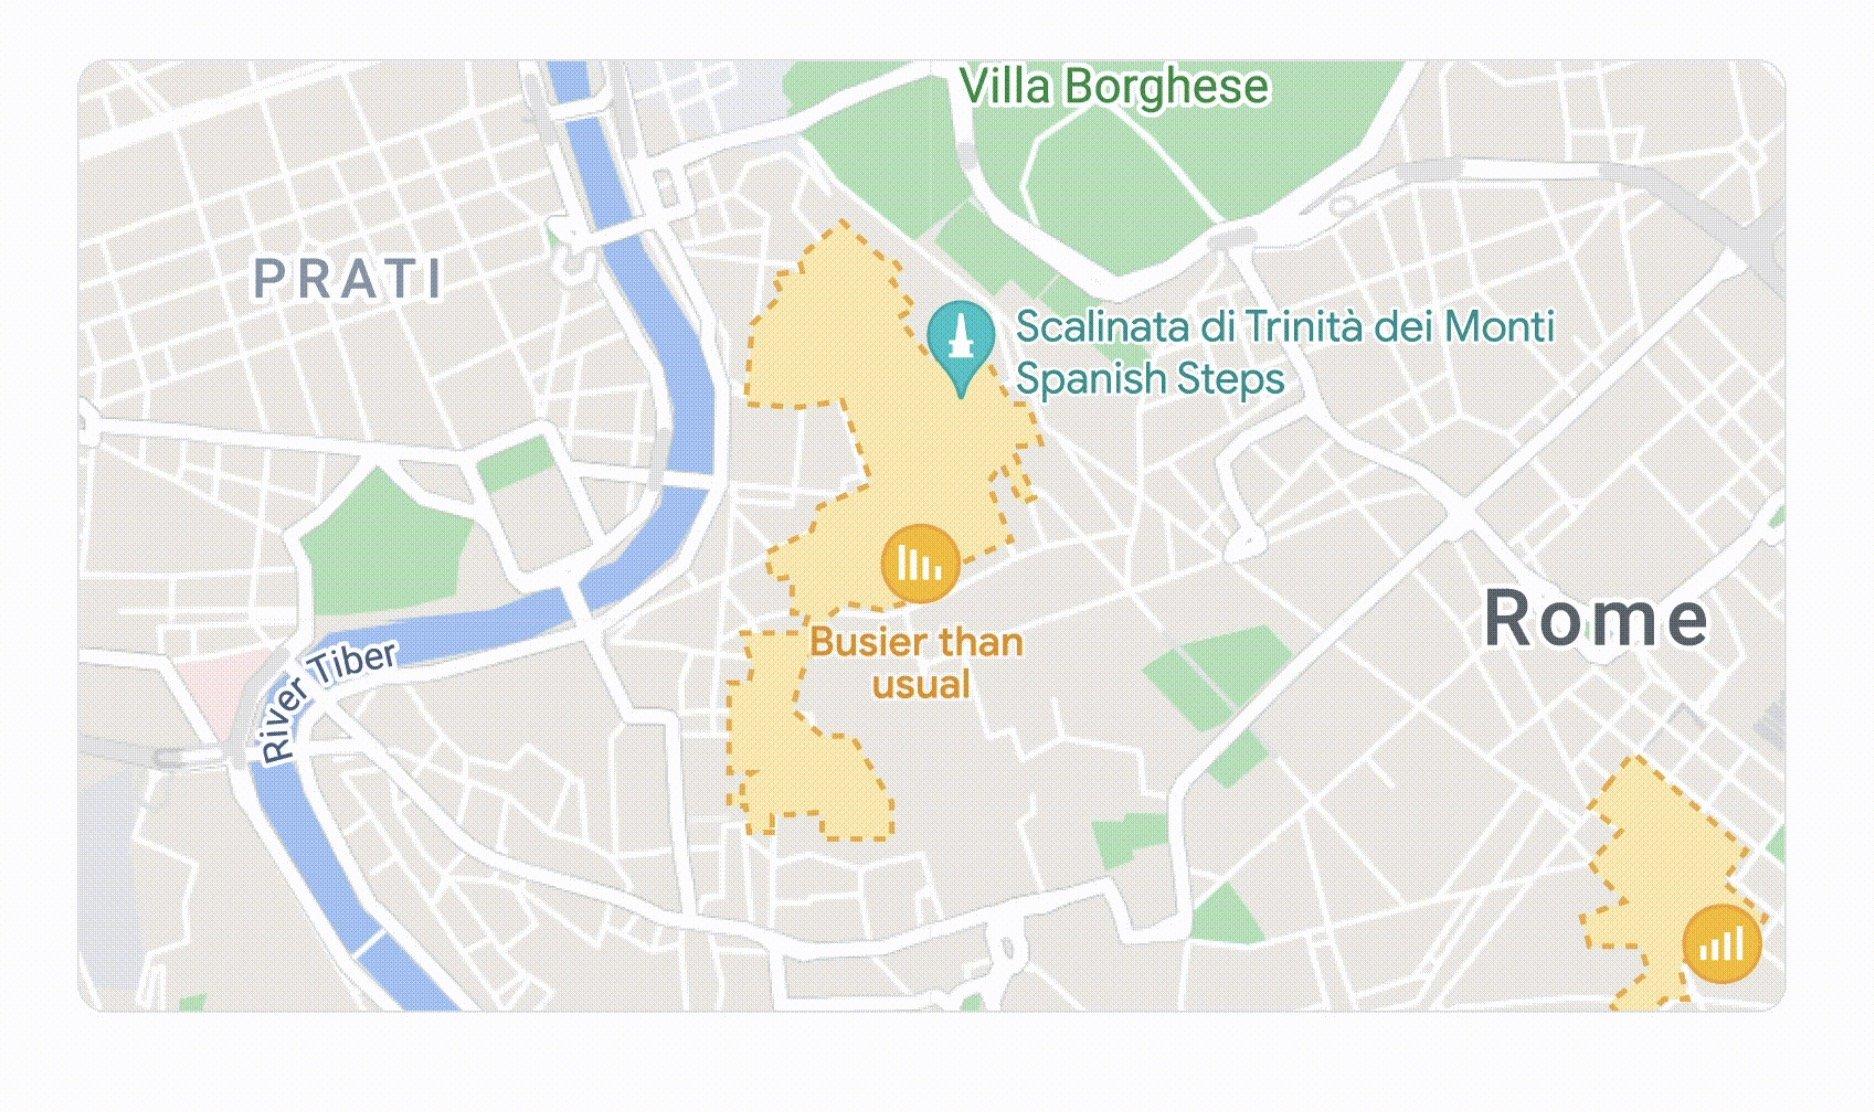 ویژگی شلوغی منطقه در گوگل مپ